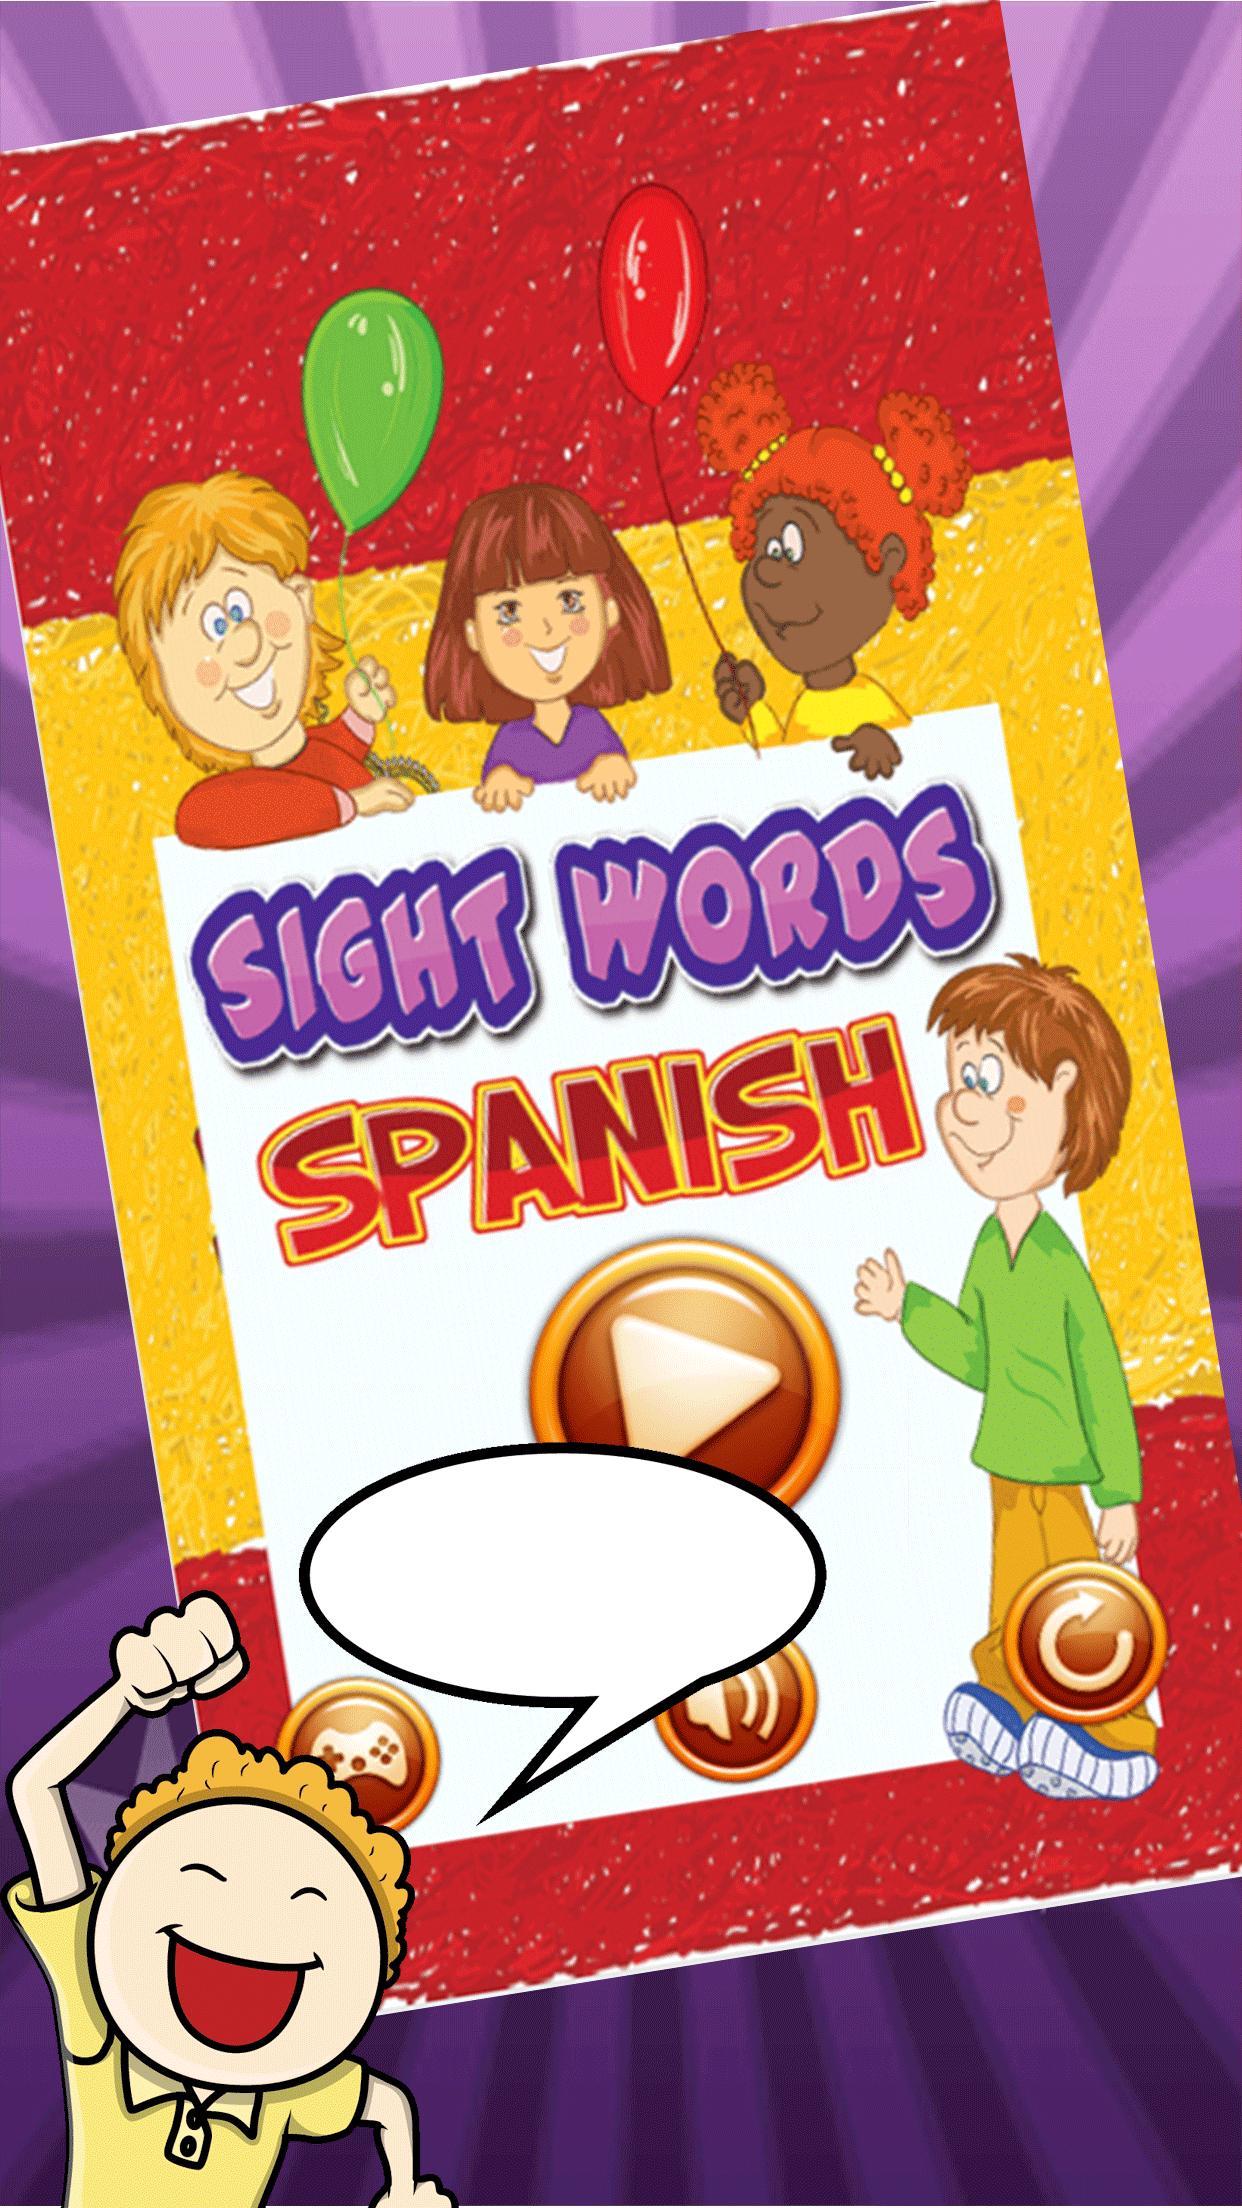 Semua Sight Kelas Kata Spanyol For Android APK Download